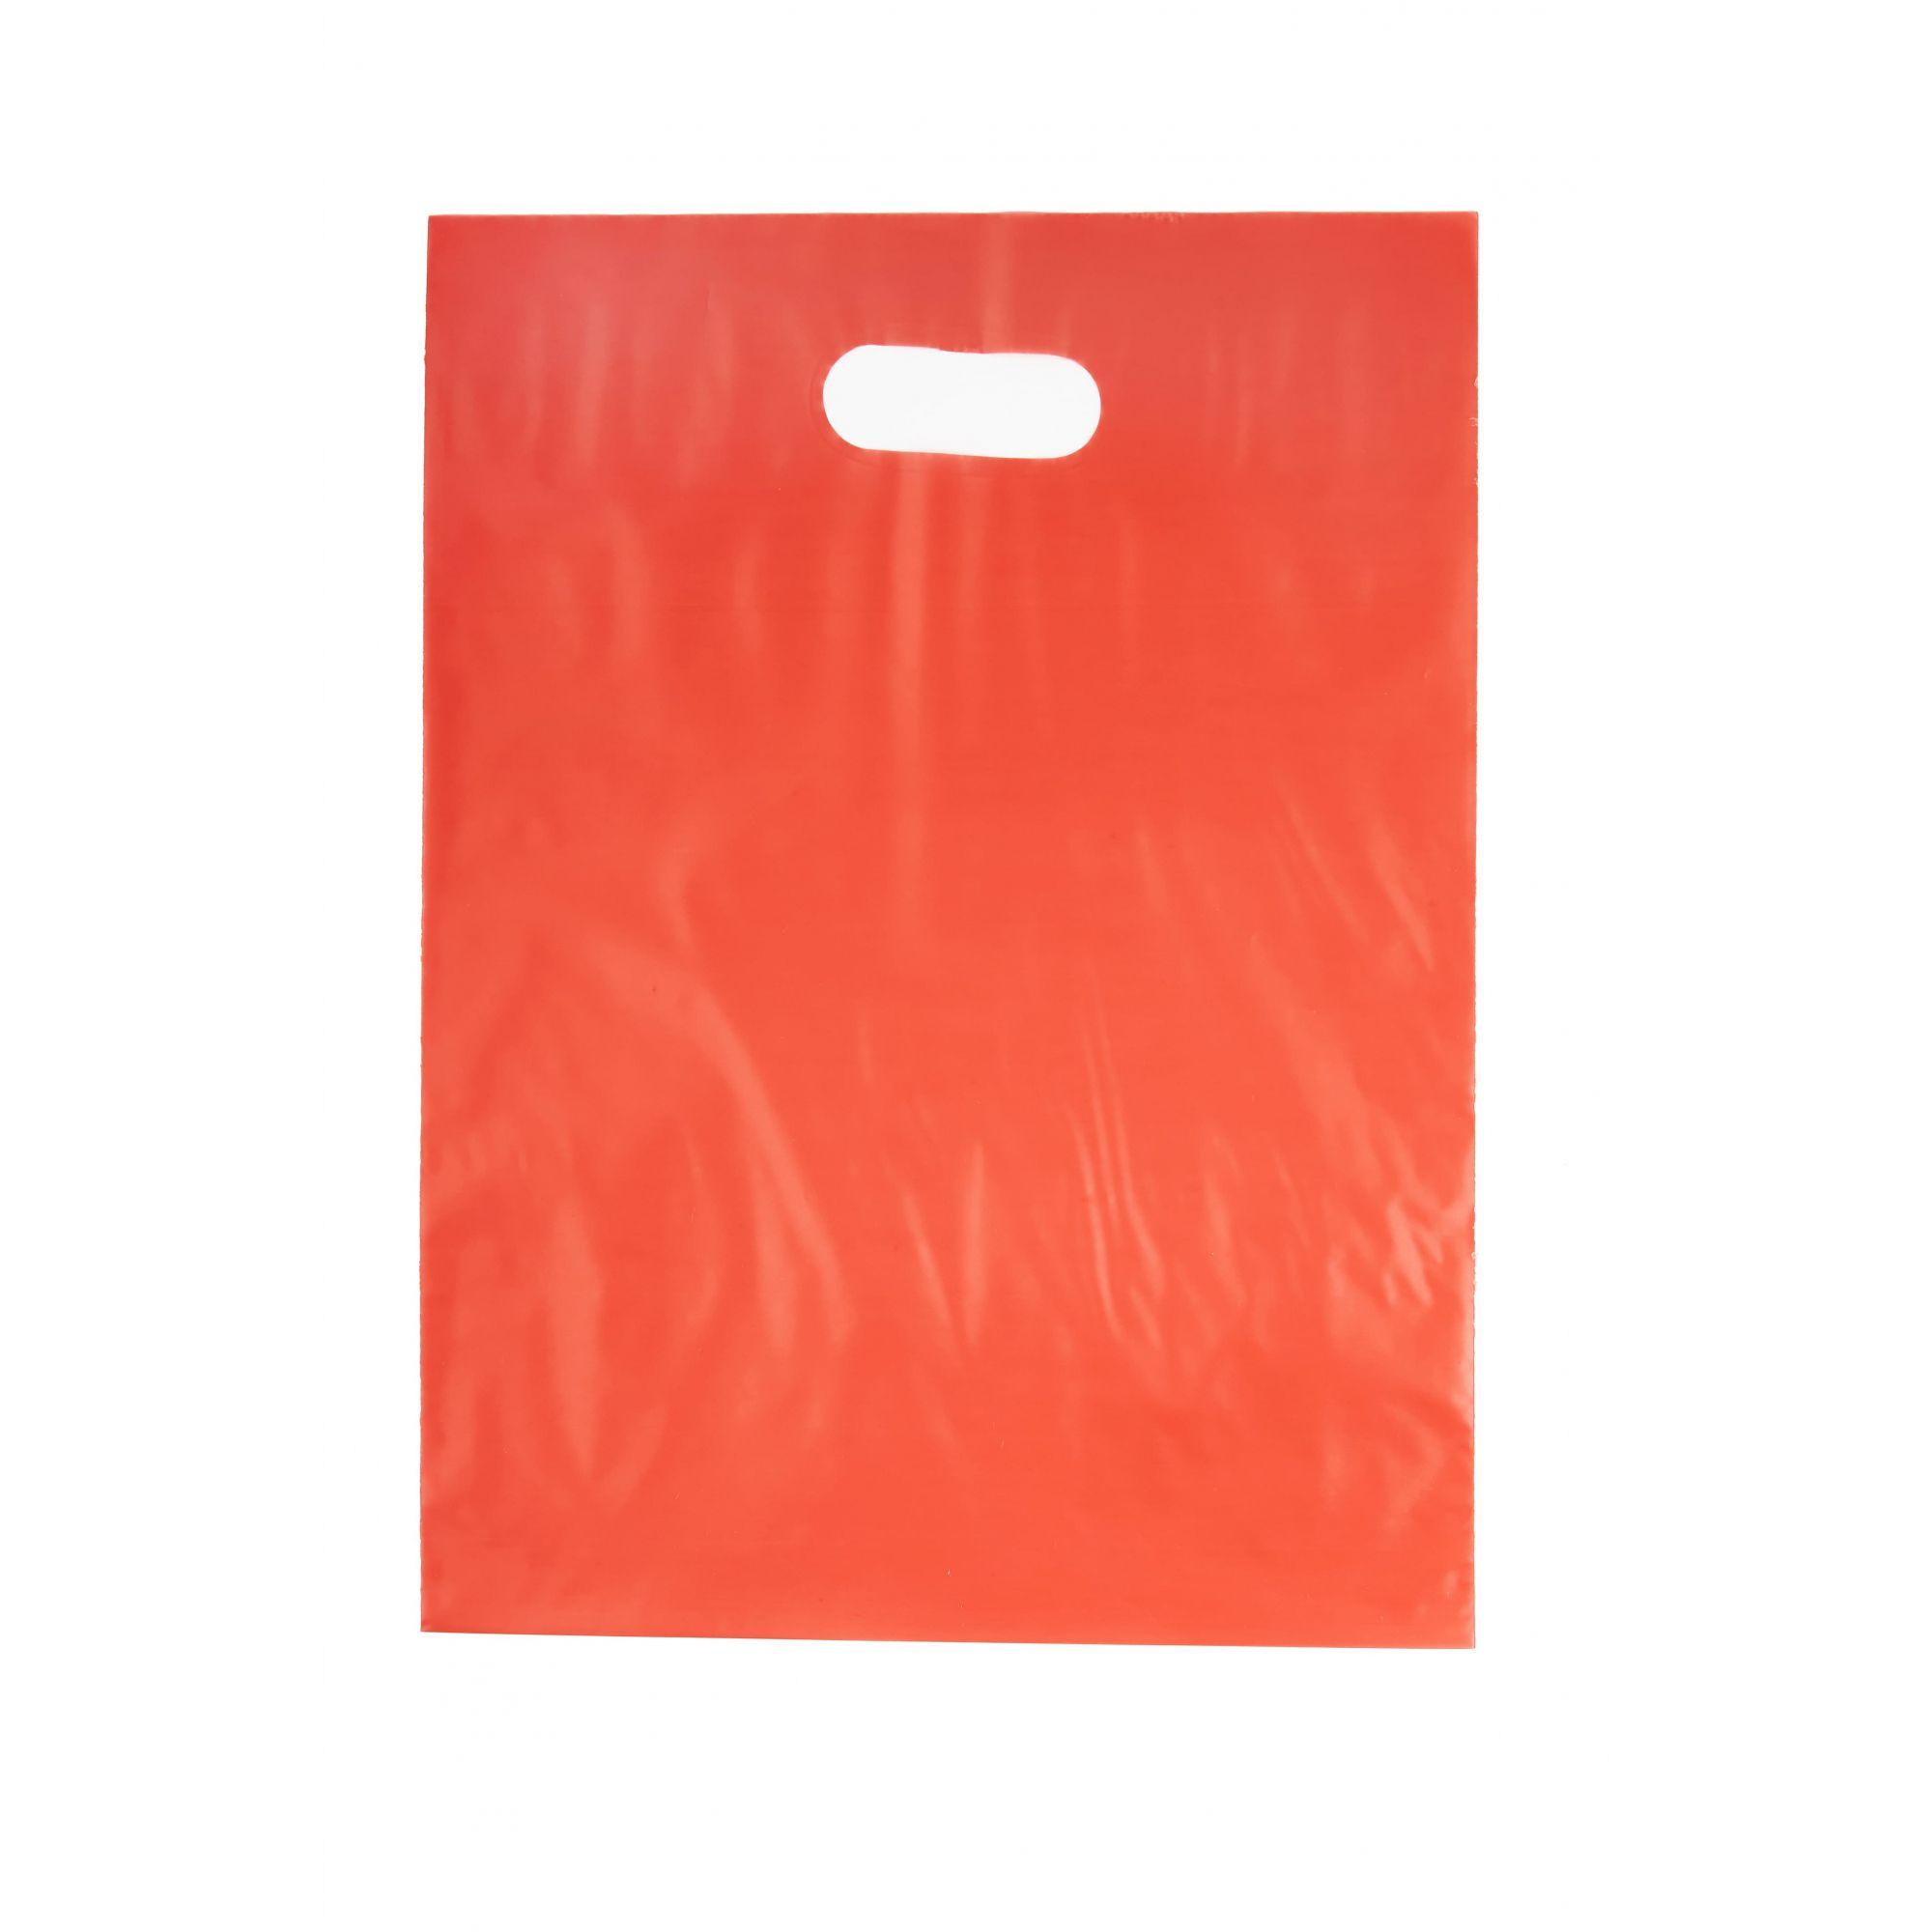 Sacola Plástica 30x40 Vermelha - Alça Boca de Palhaço